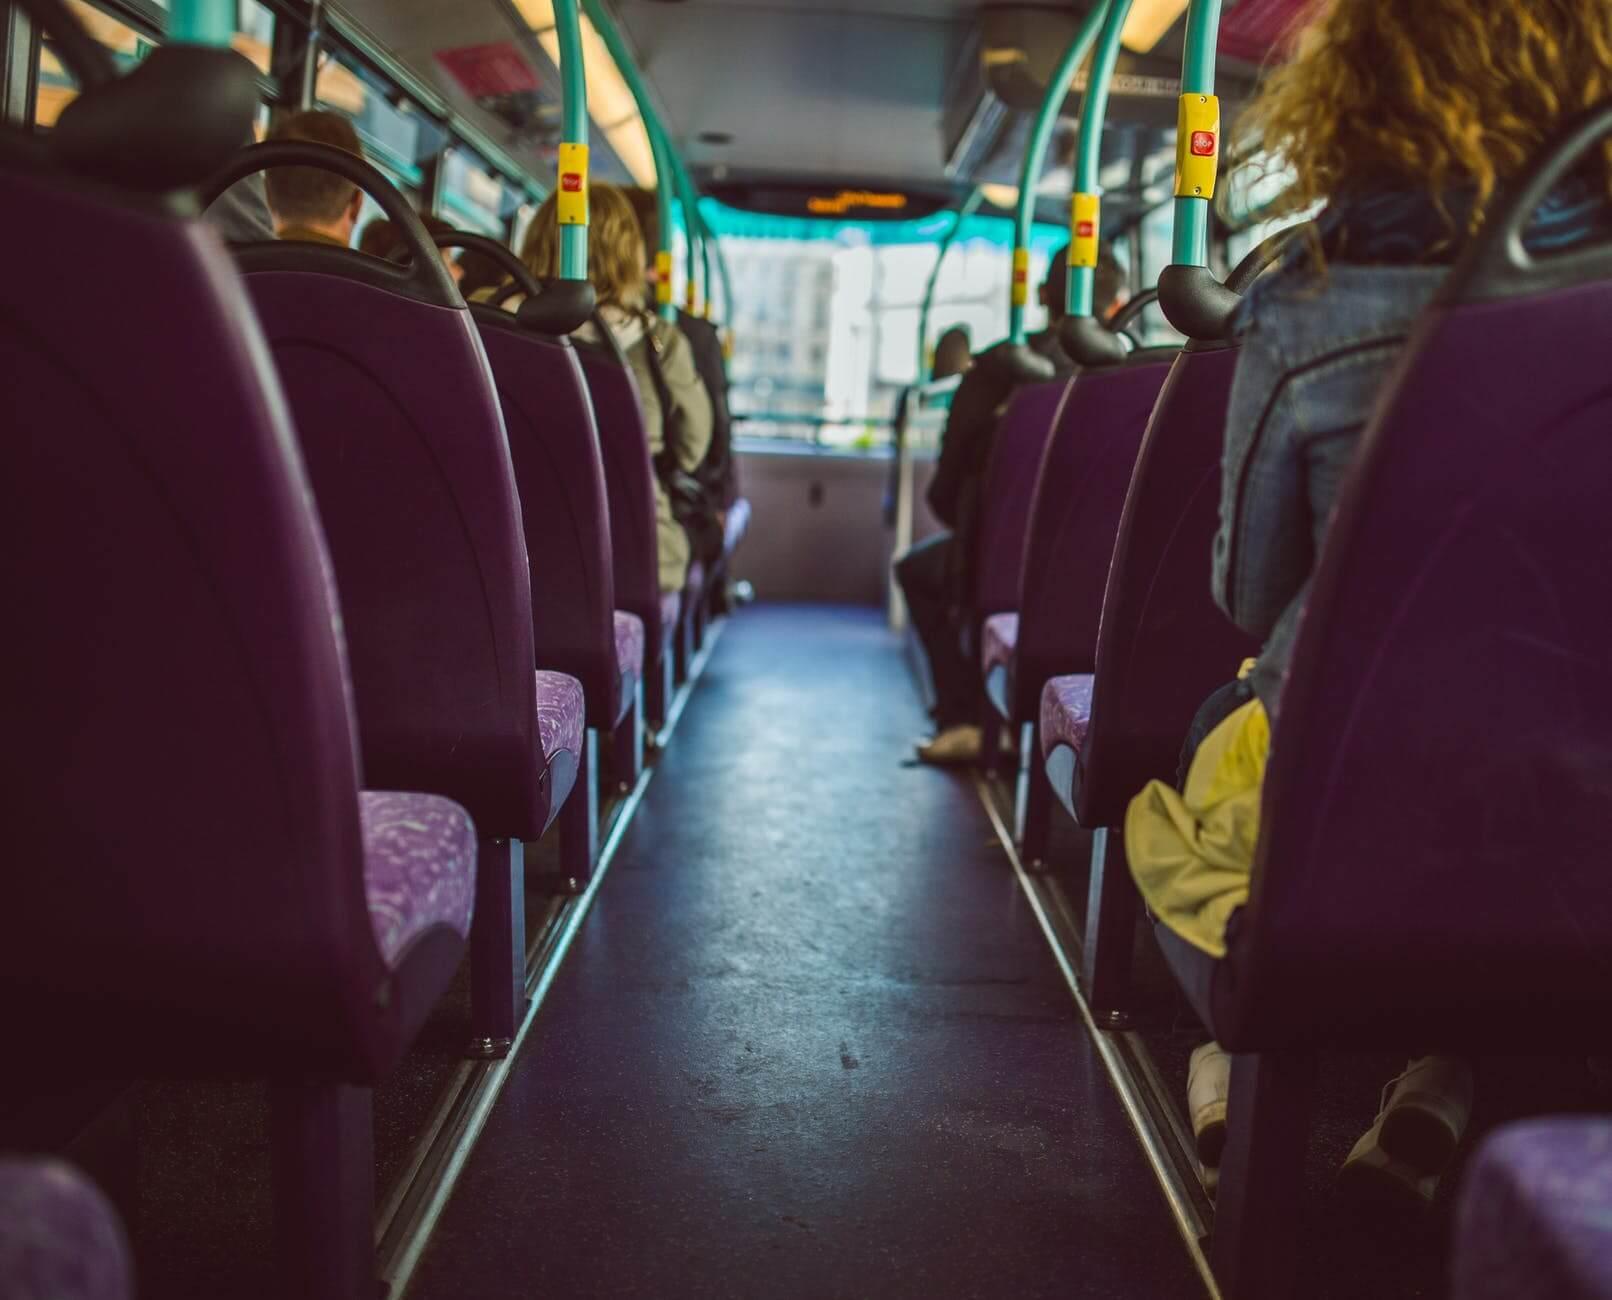 Stručnjak za bonton: Sva djeca starija od pet godina starijima trebaju ustupiti mjesto u prijevozu